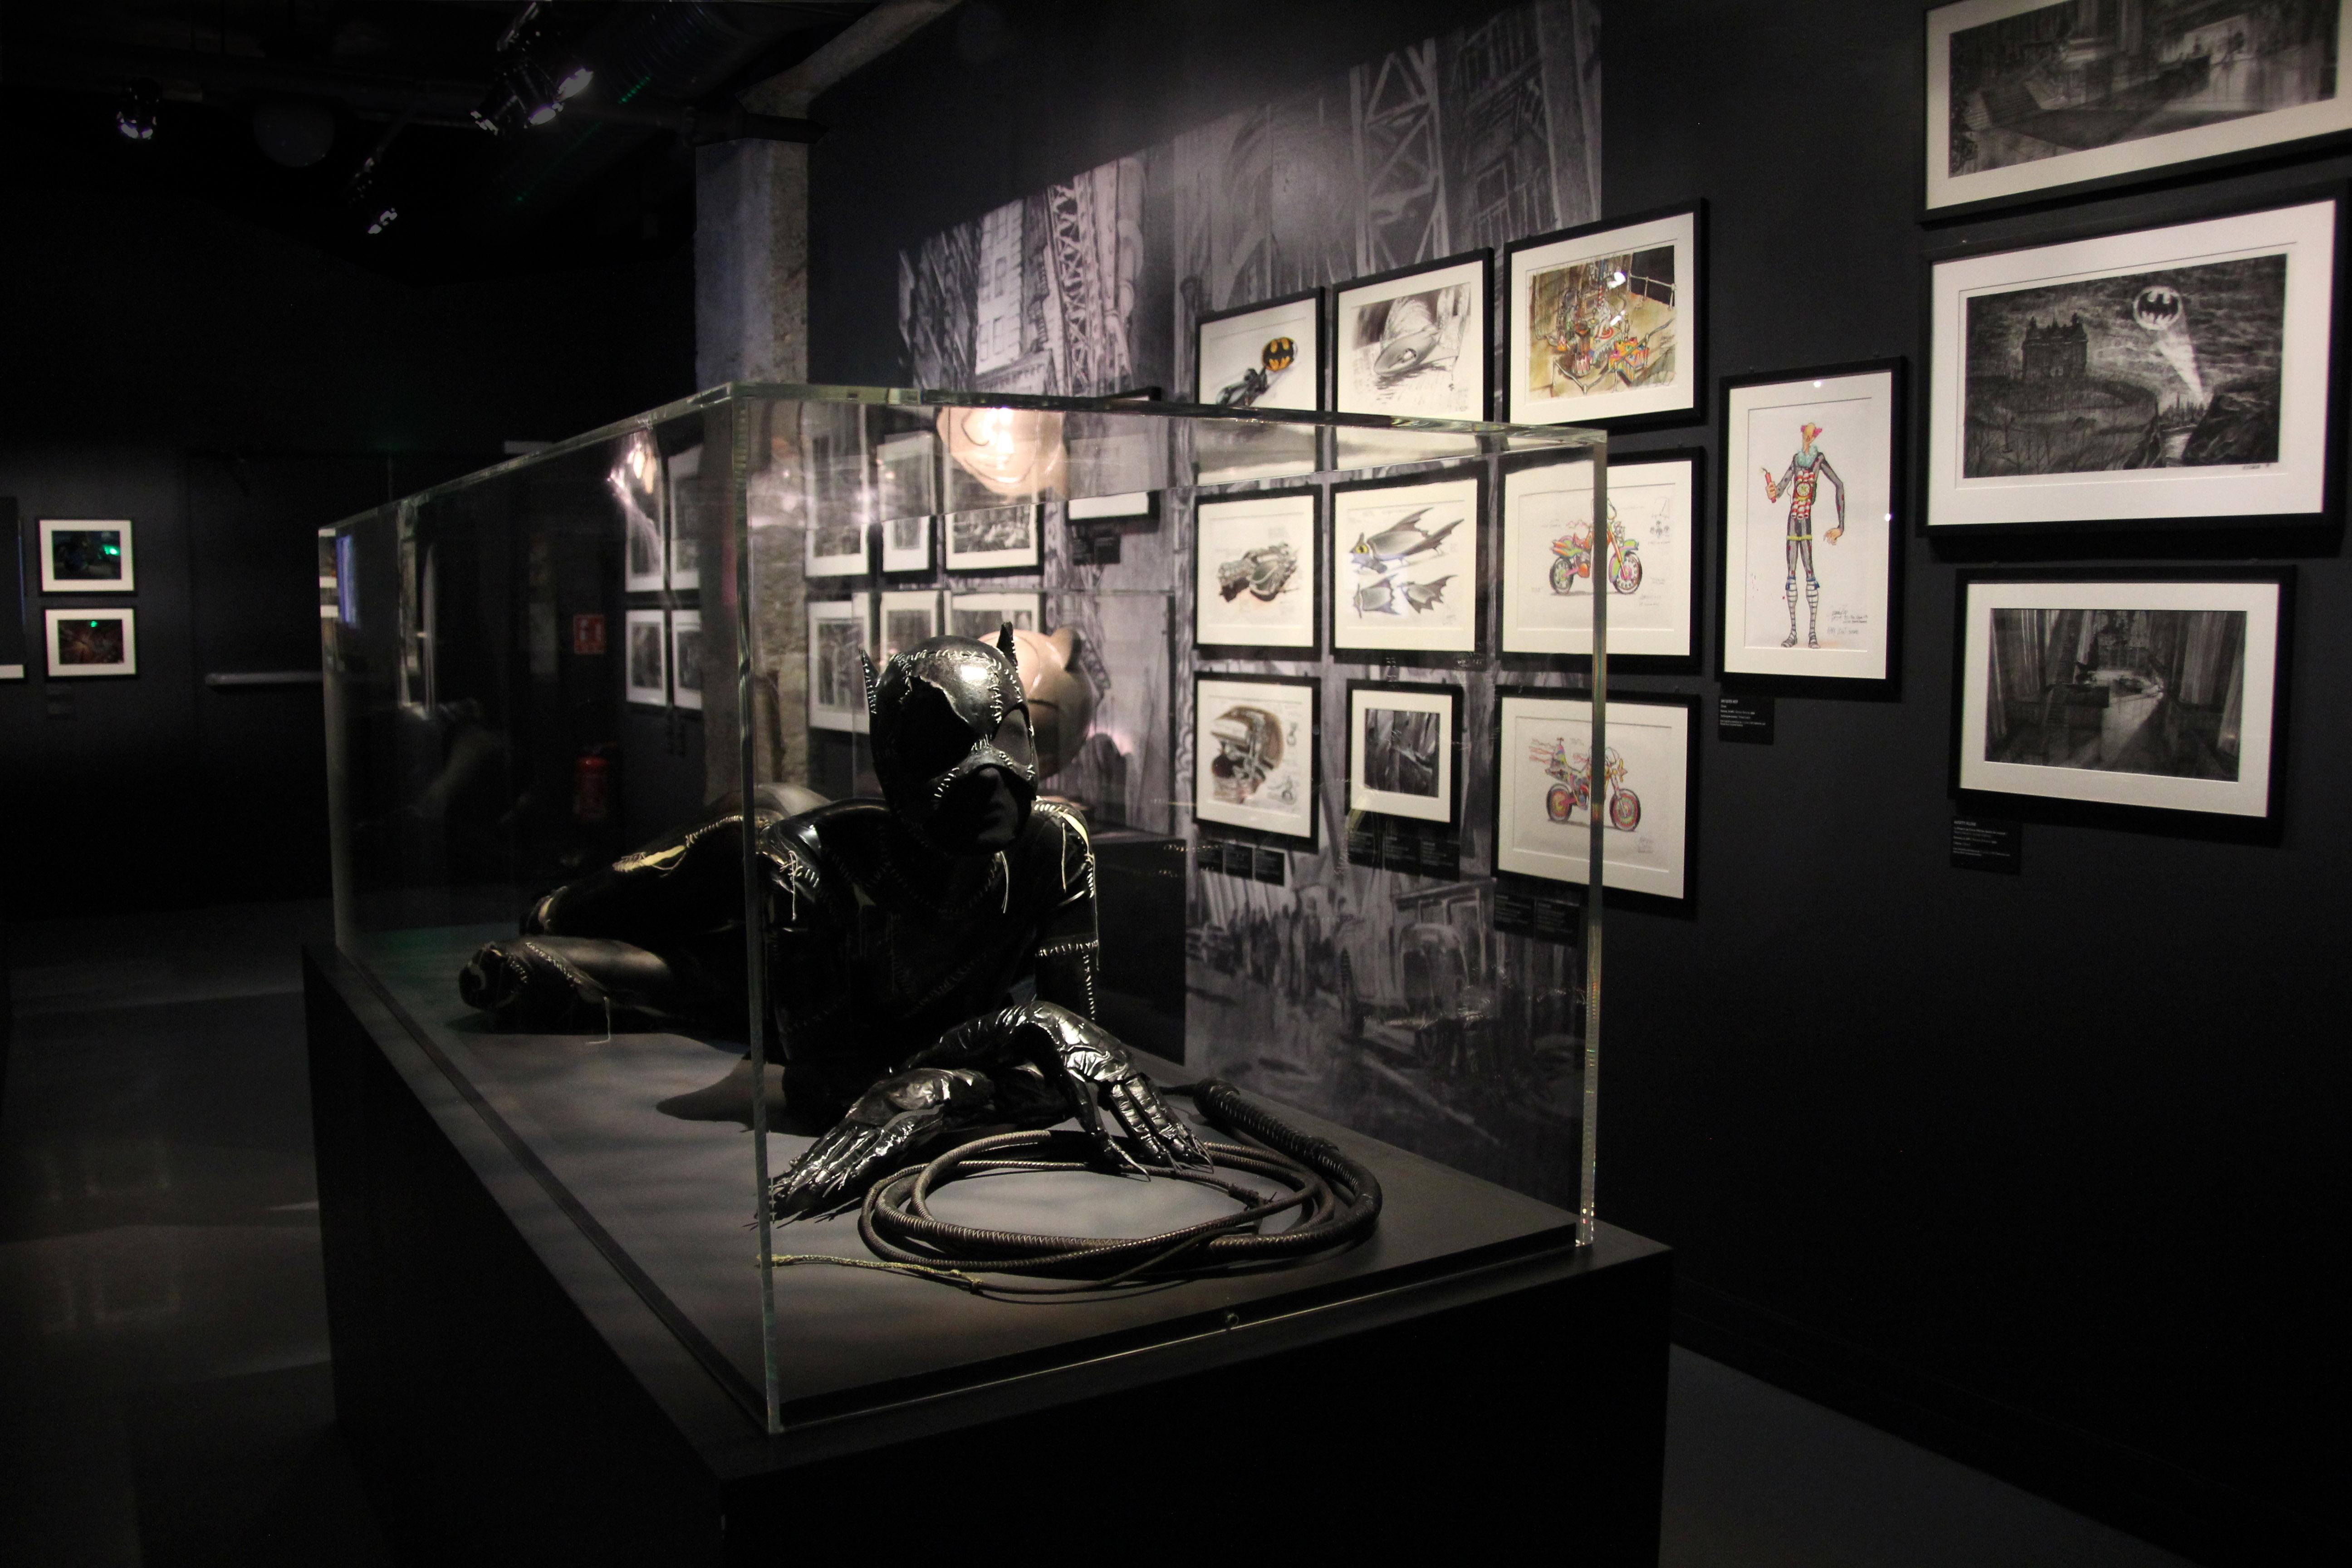 Zdjęcie wykonane w Art Ludique Le Musee w Paryżu